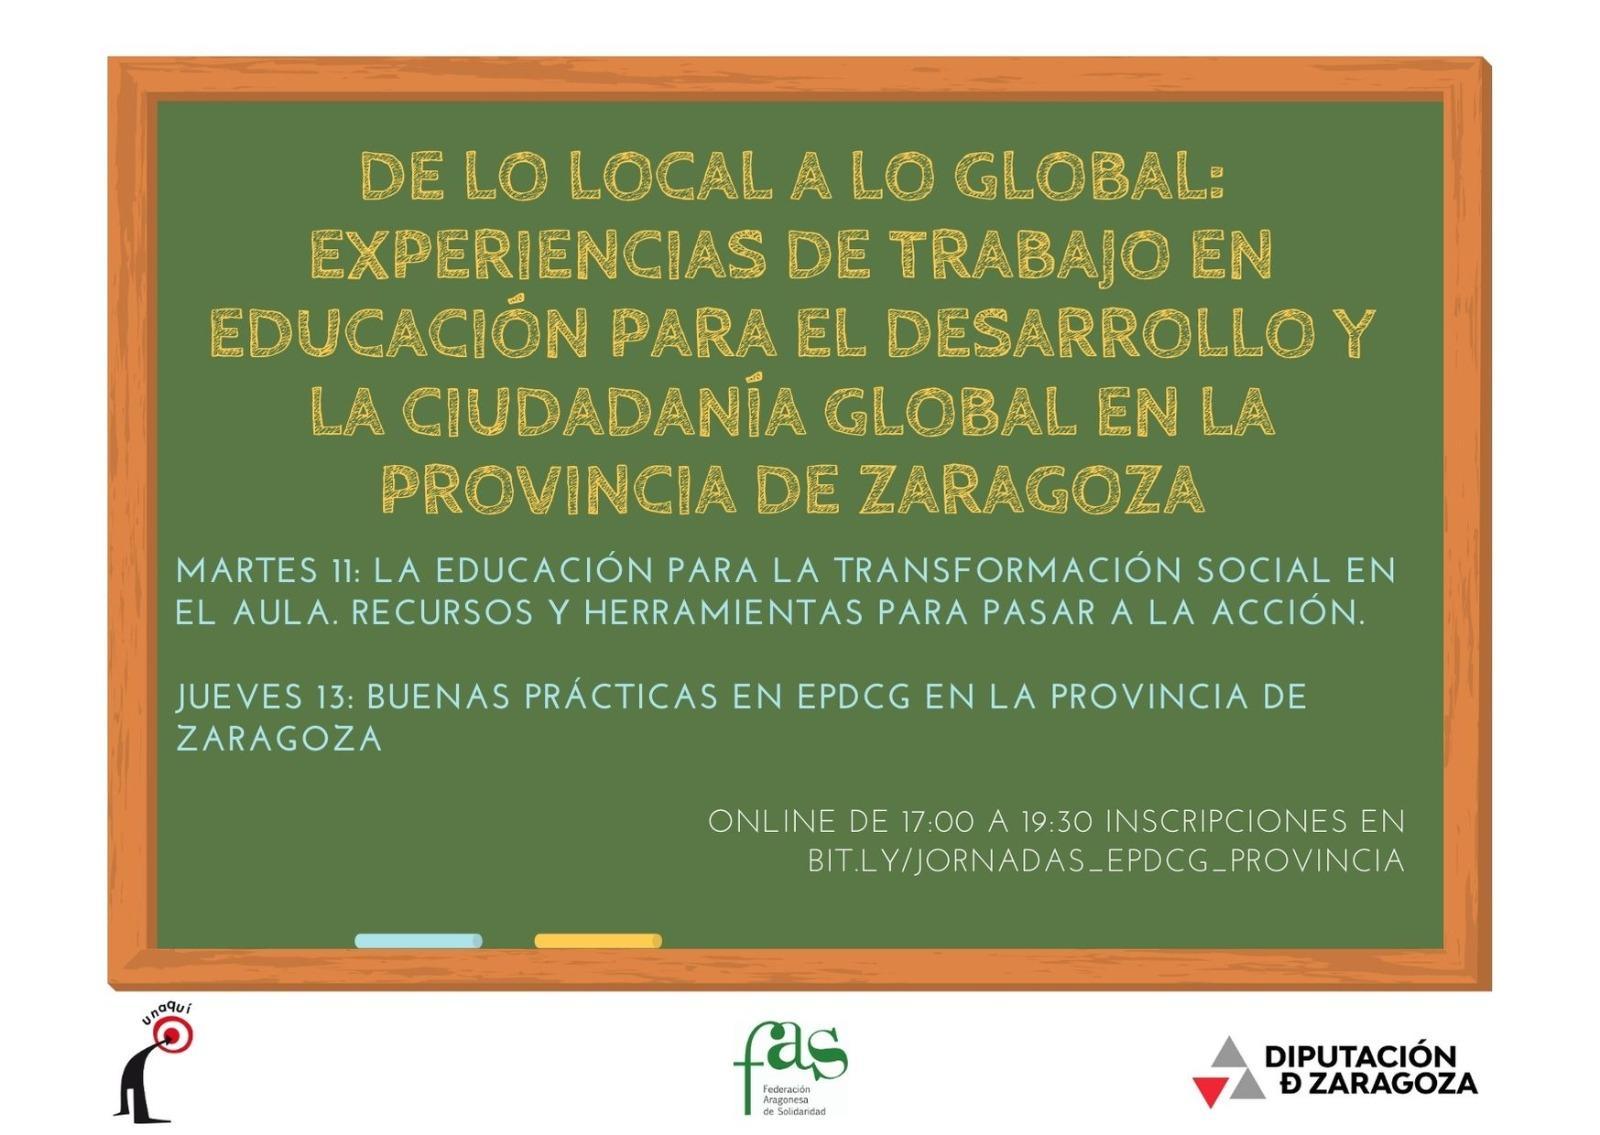 De lo local a lo global: experiencias de trabajo en Educación para el Desarrollo y la Ciudadanía Global en la Provincia de Zaragoza